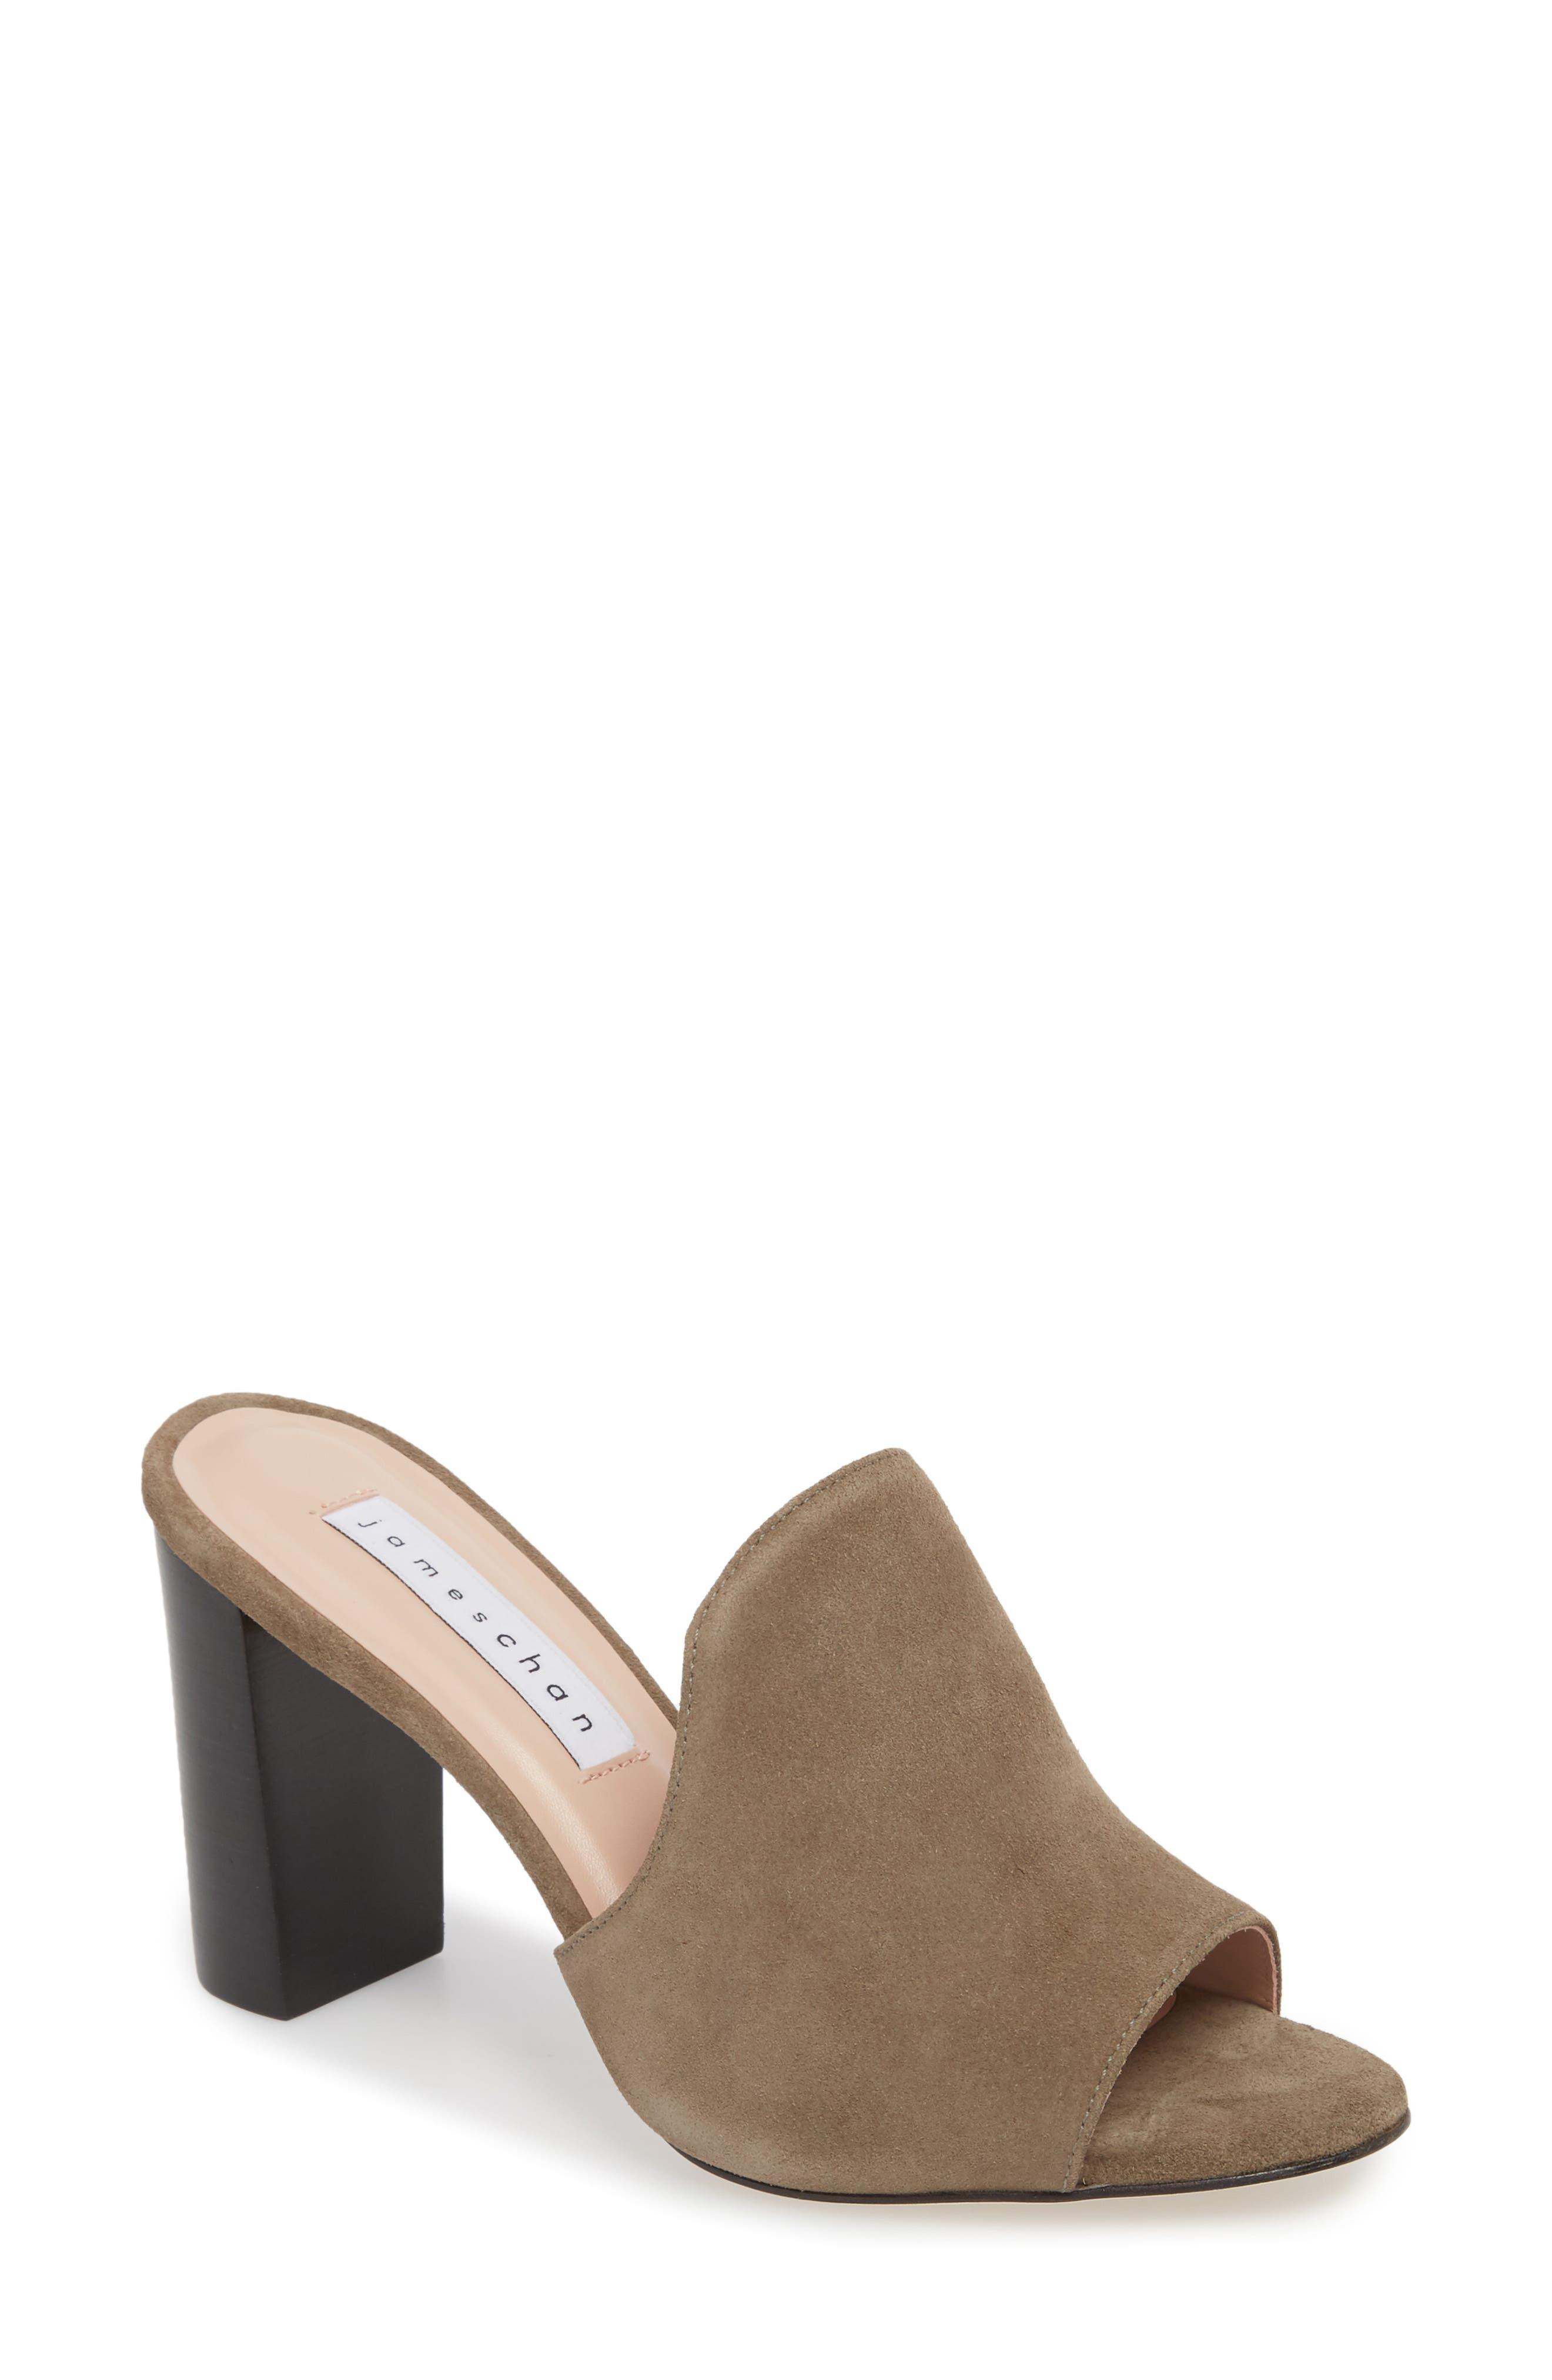 Aimee Block Heel Mule,                         Main,                         color, STONE SUEDE